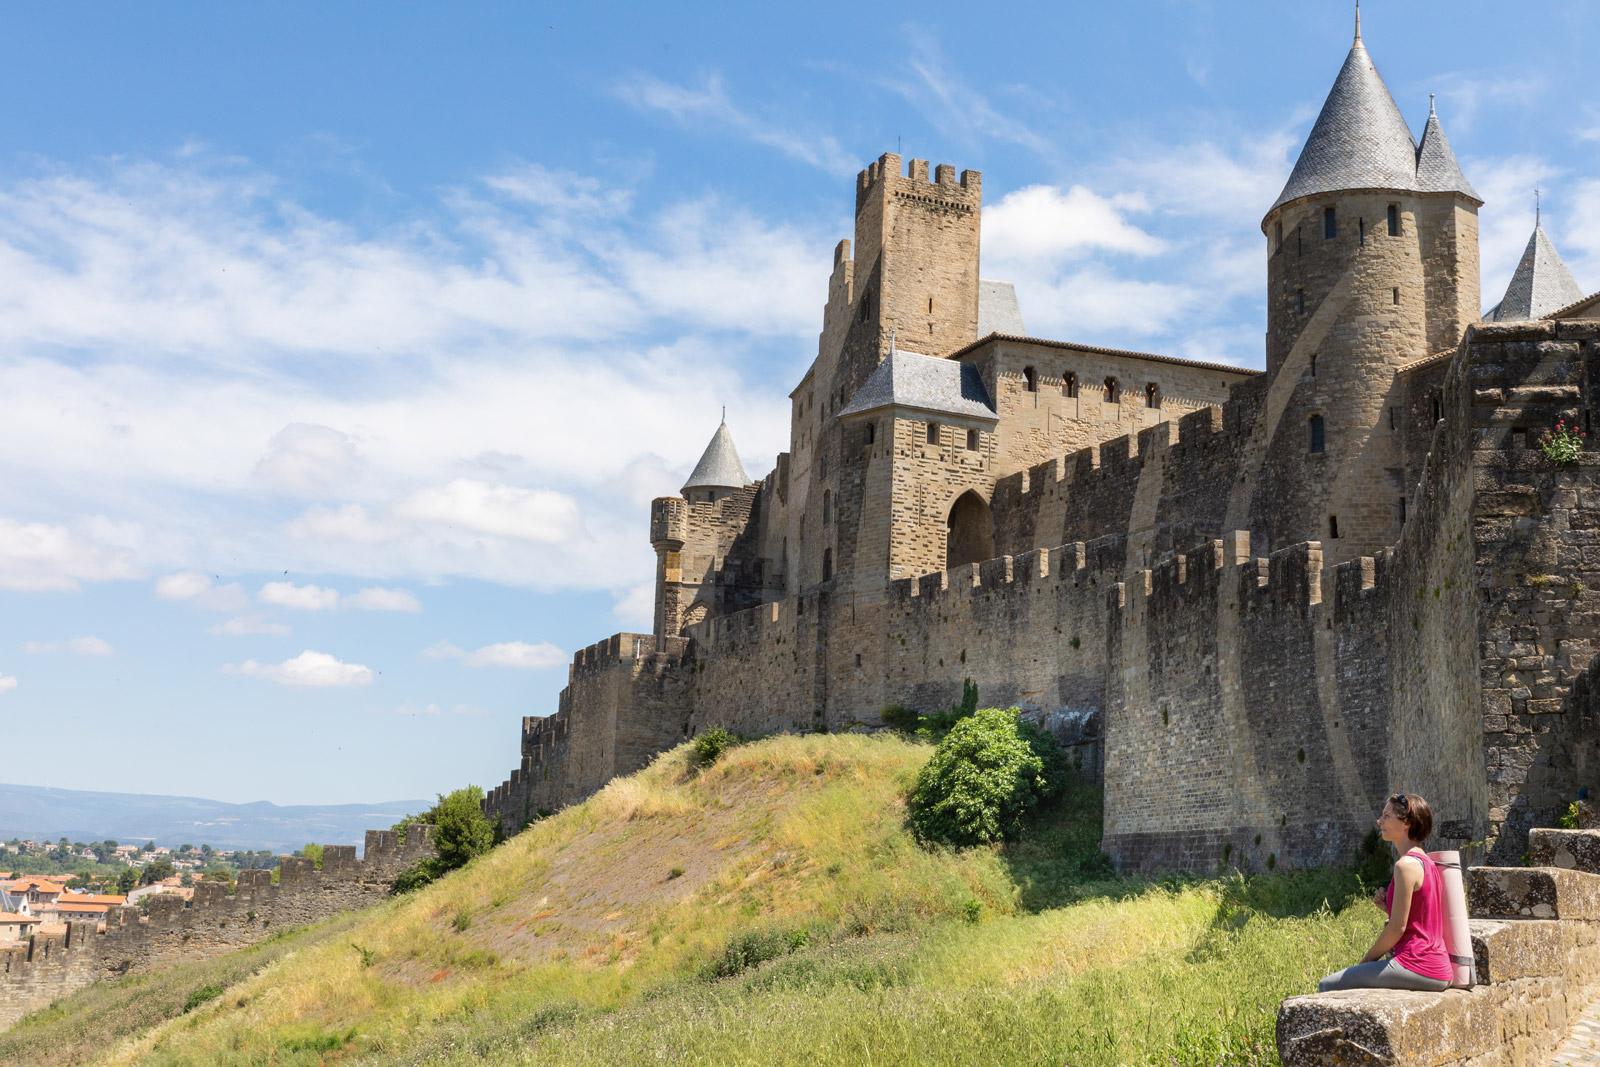 Une fille est assise devant les remparts d'une cité médiévale